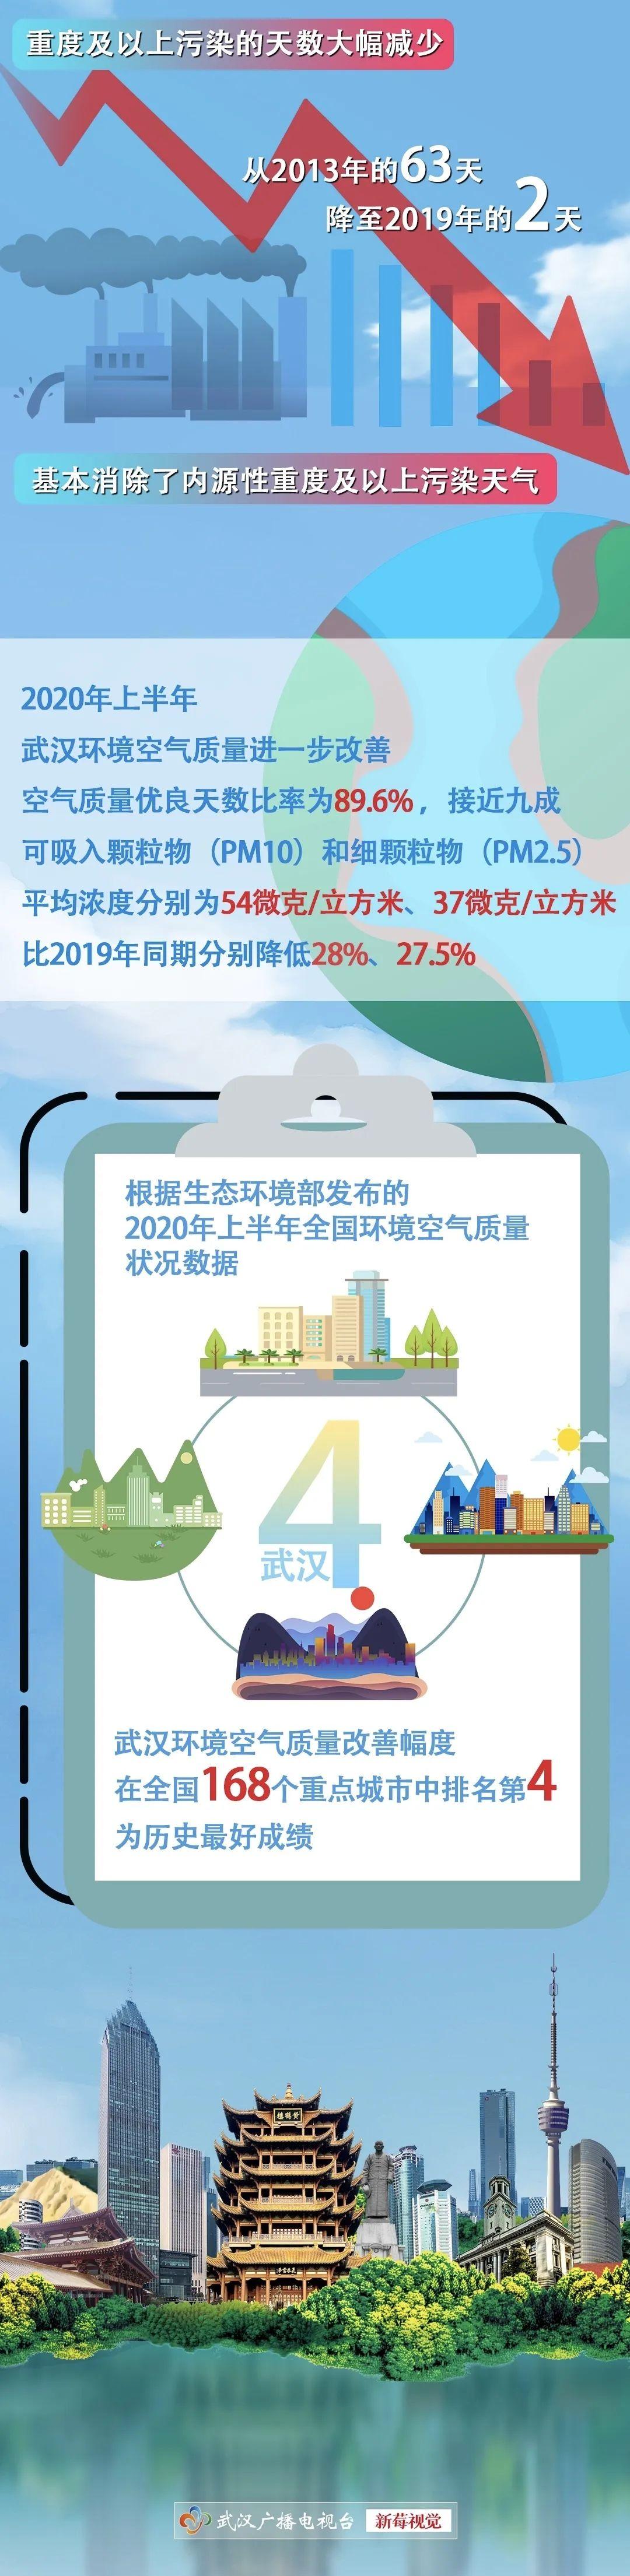 蓝天白云的武汉空气优良天数近九成你感受到了吗?